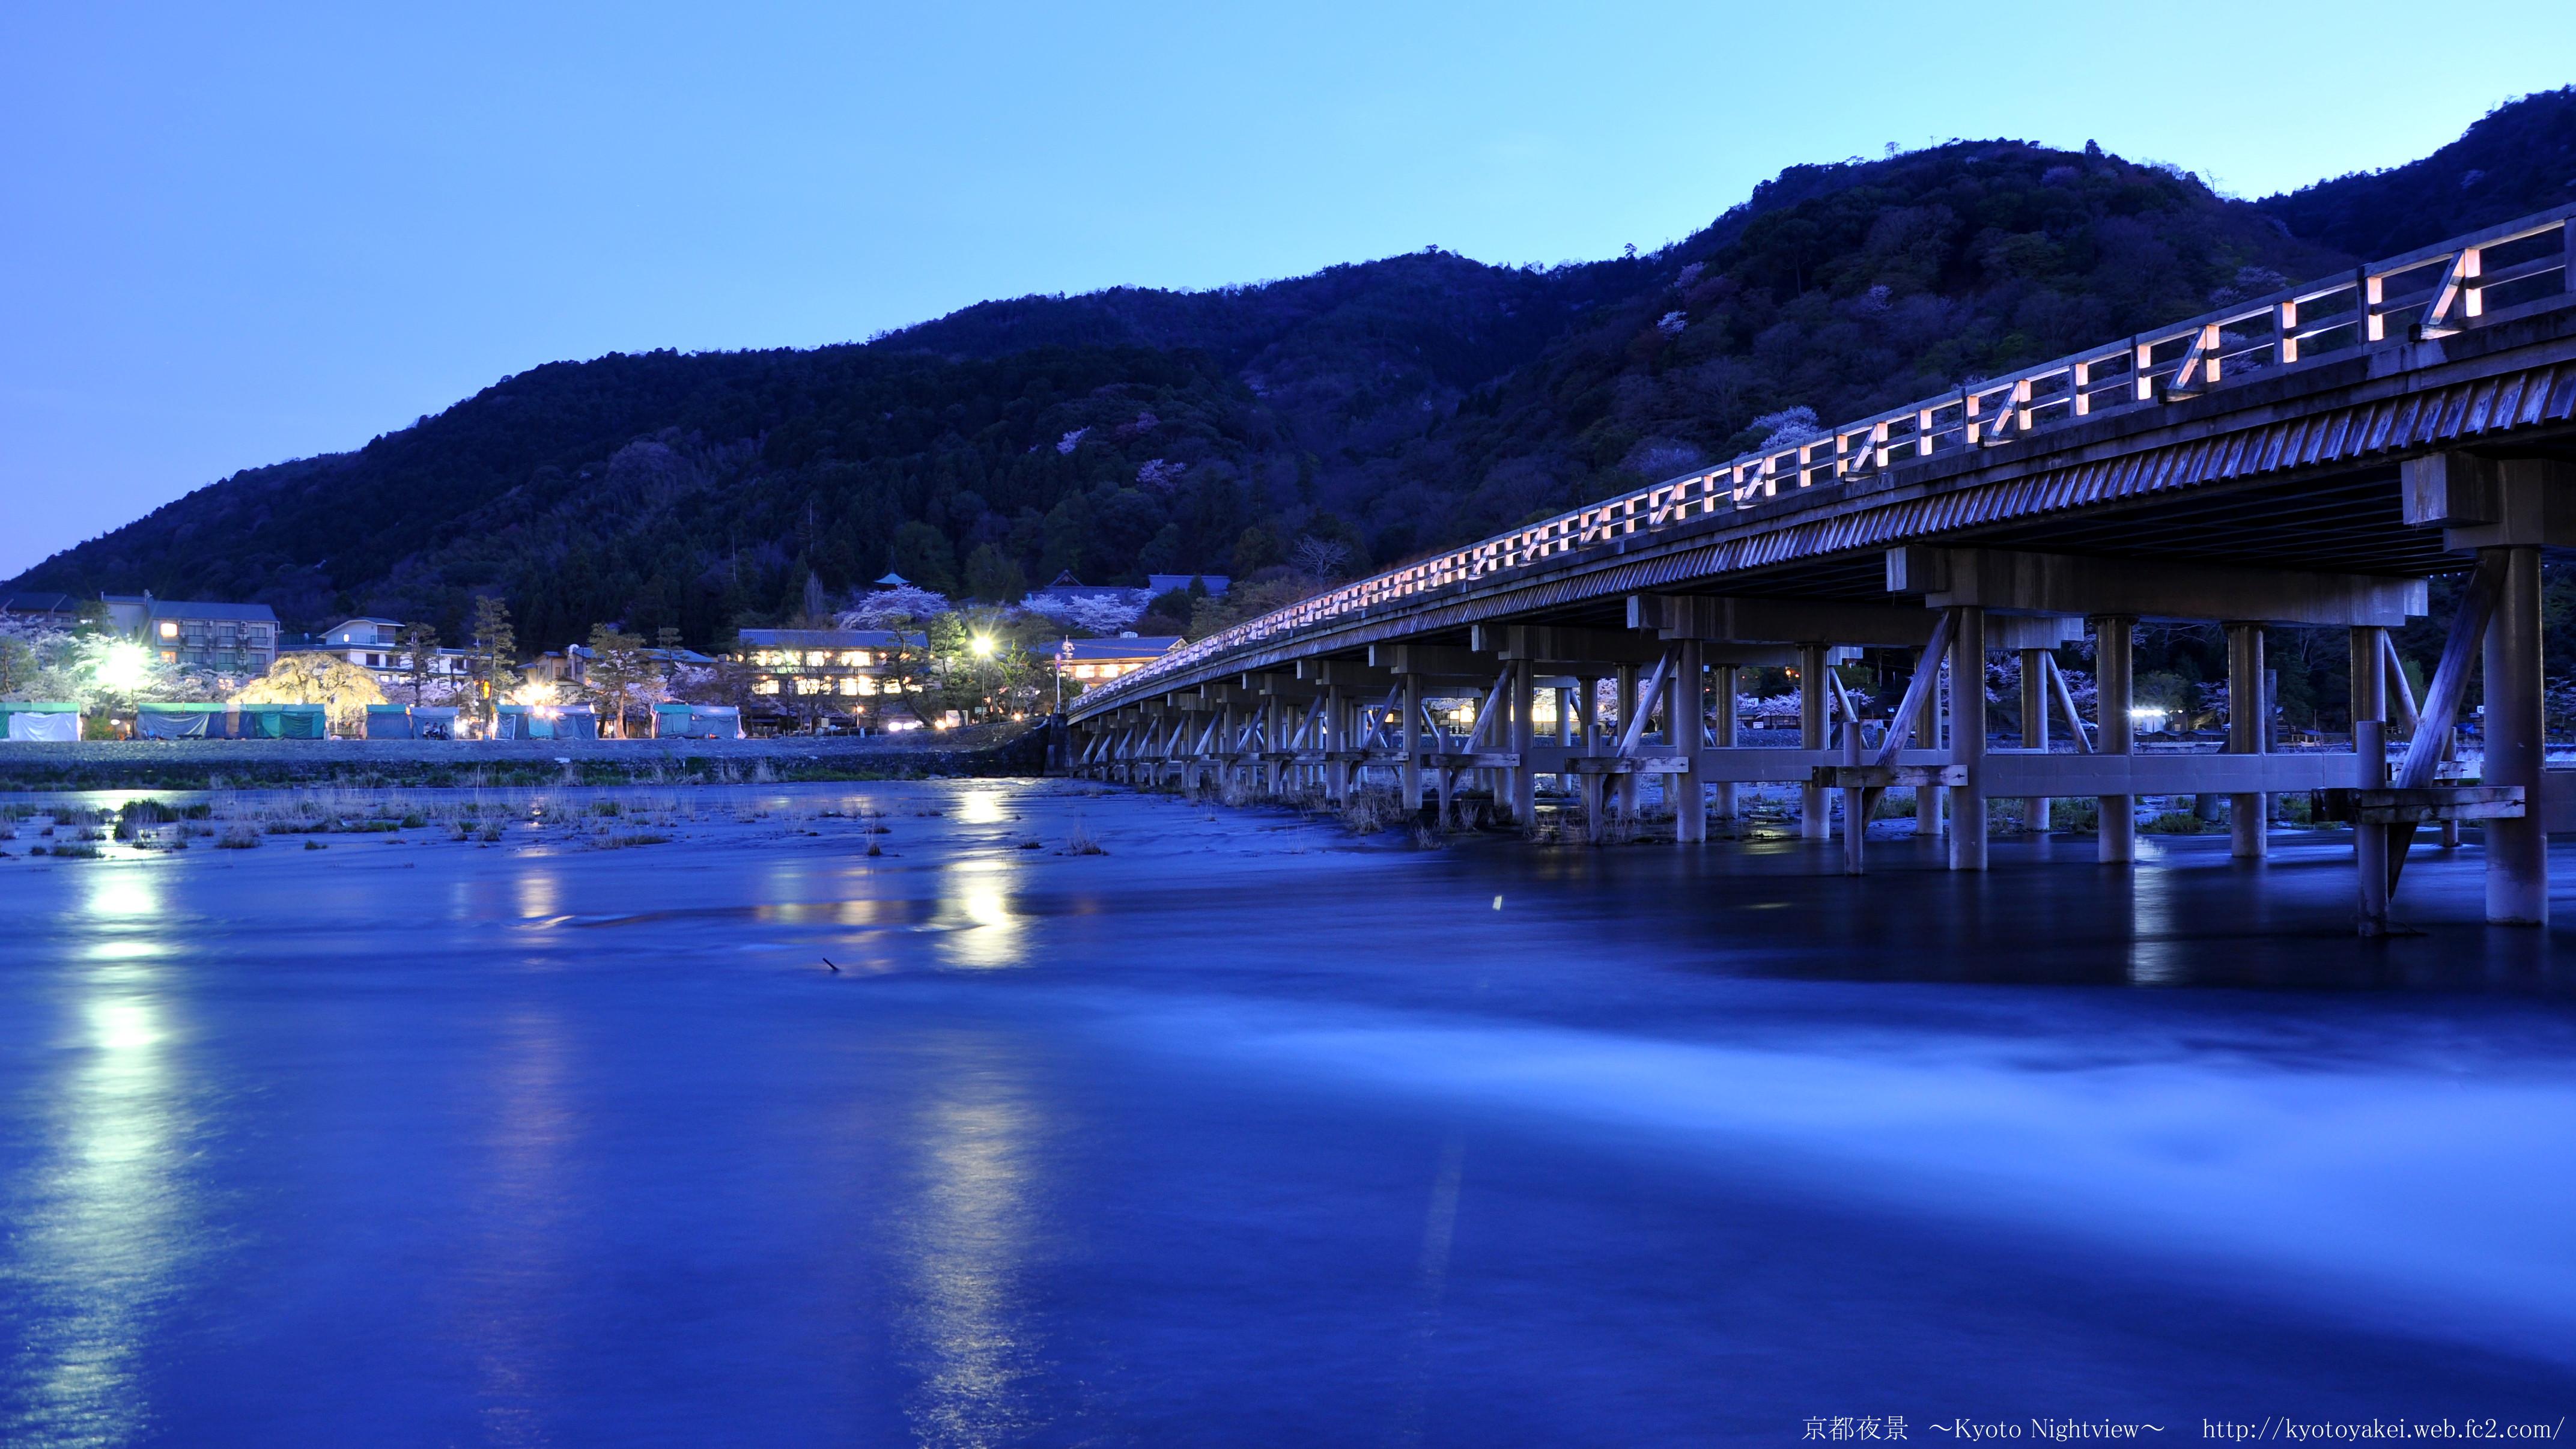 出典 www.kyotopicture.com